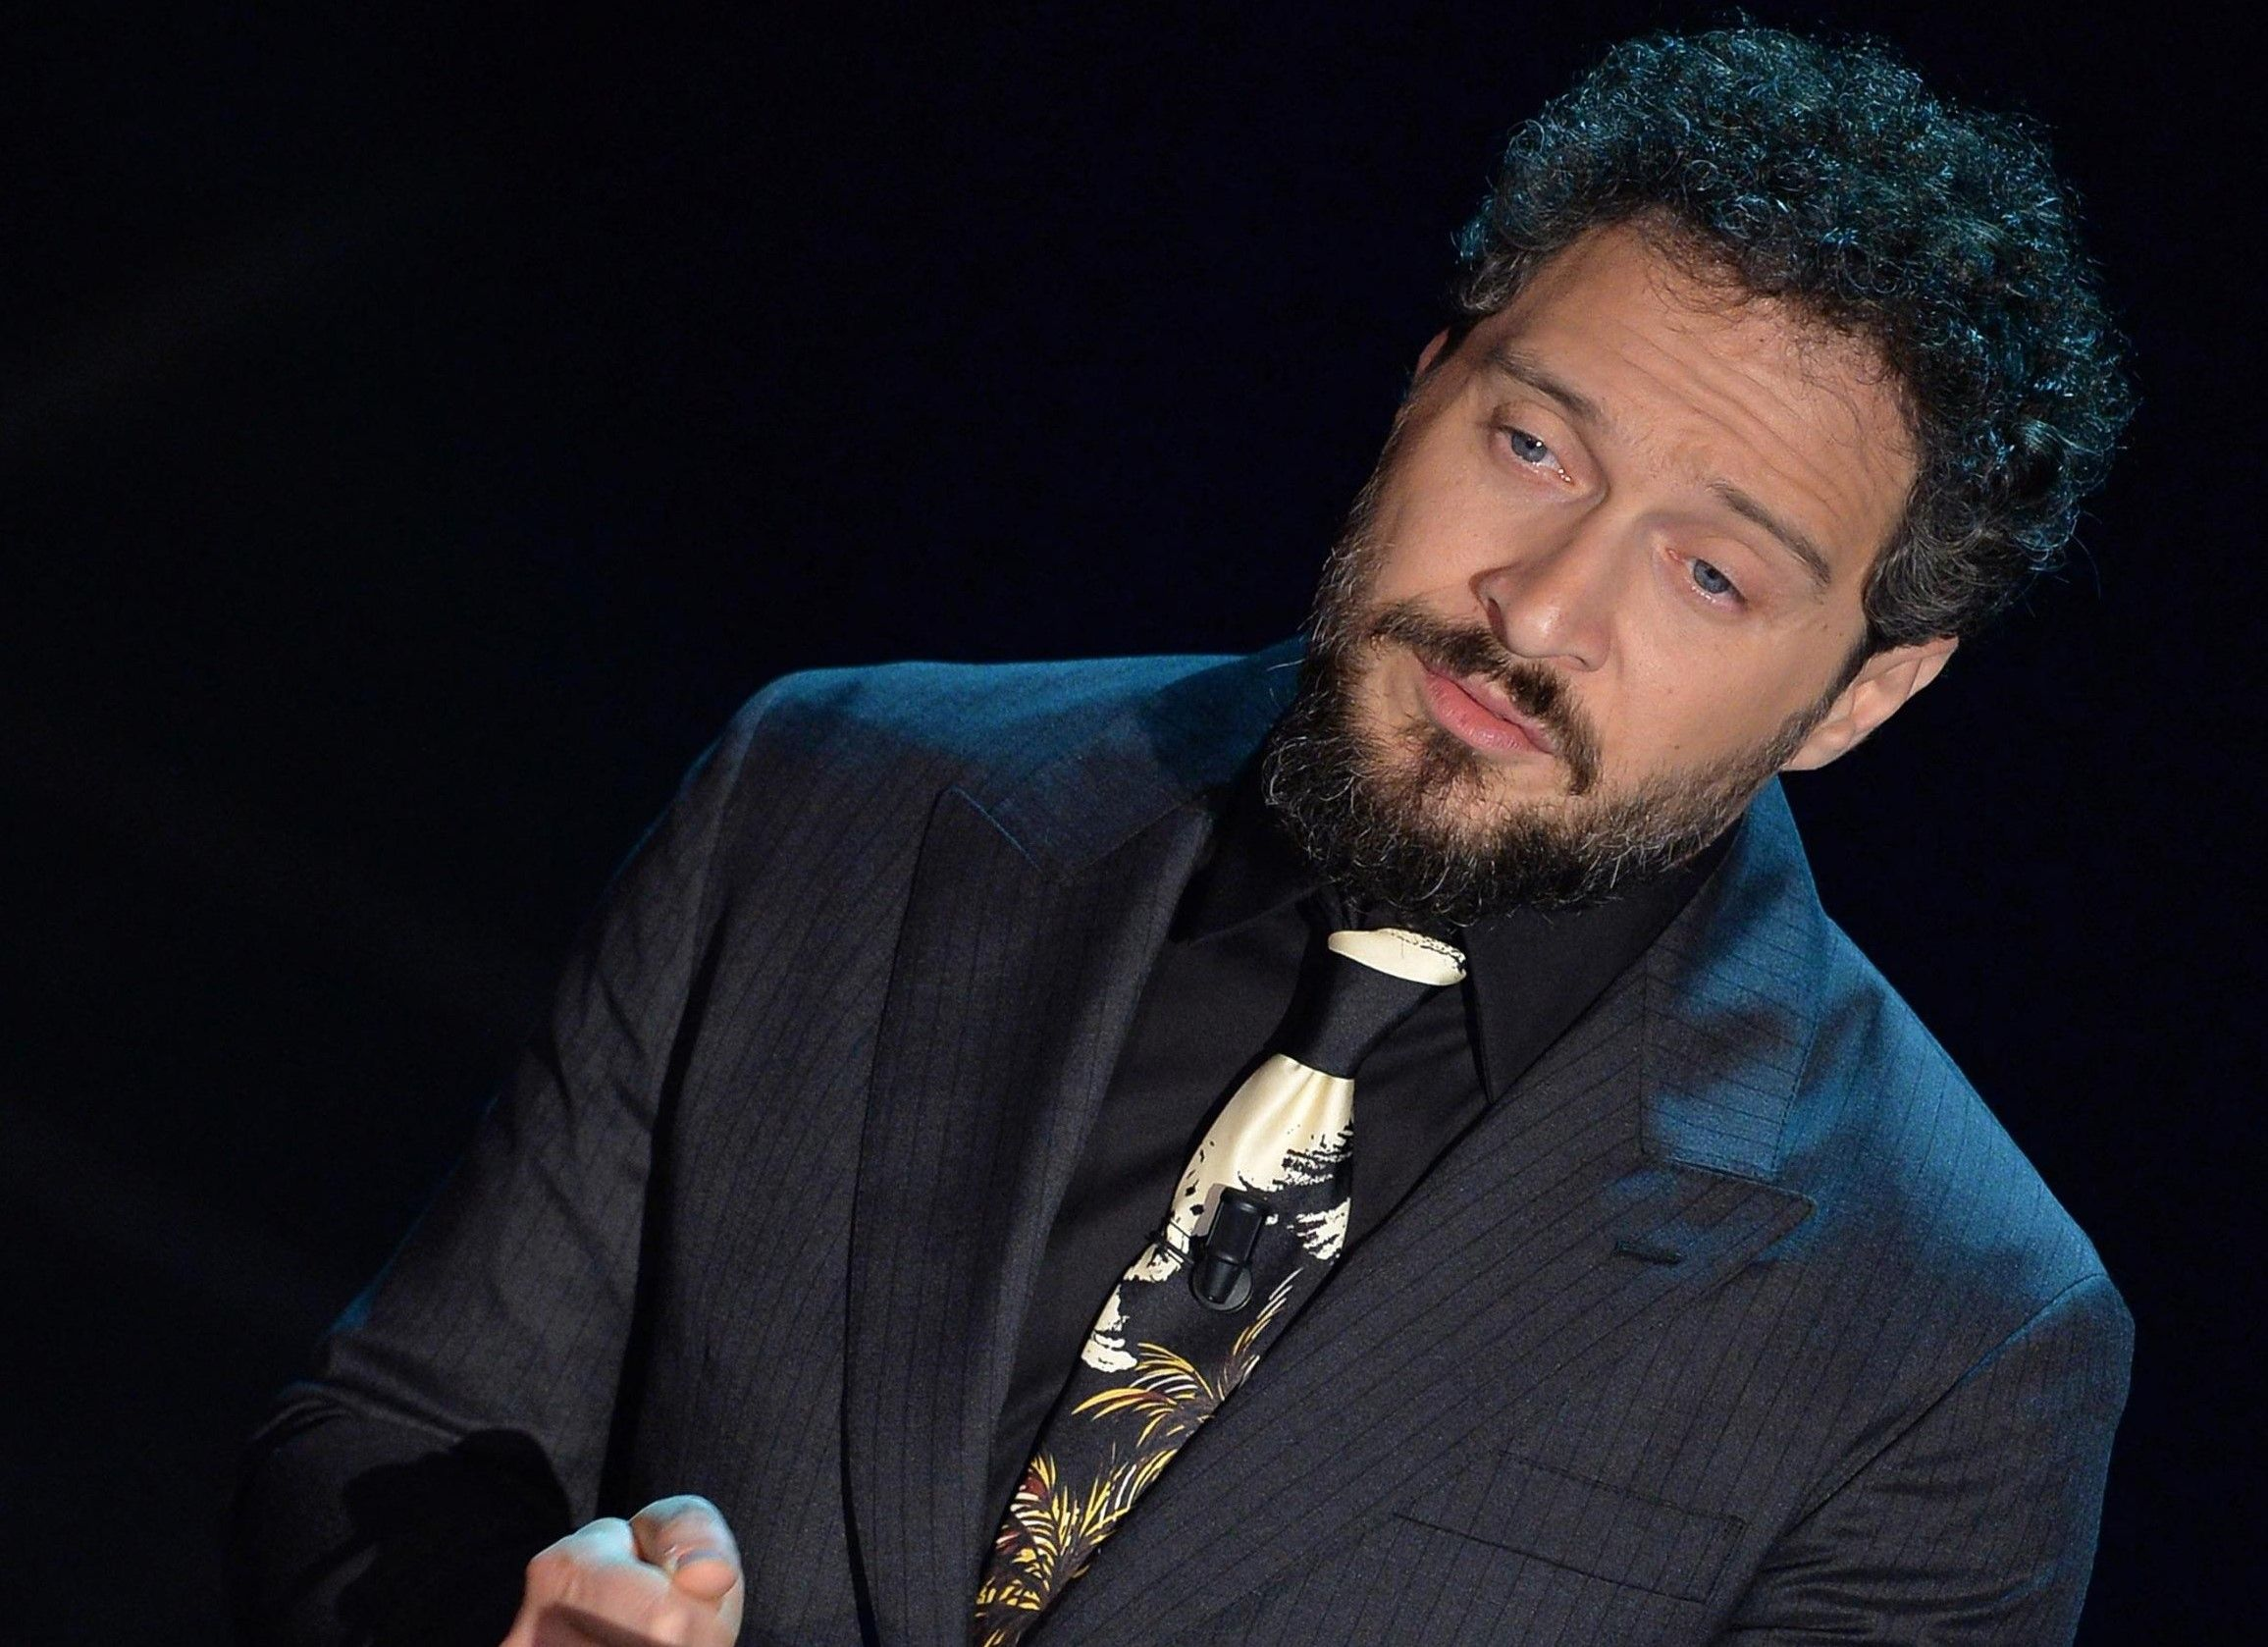 Sanremo 2019: Claudio Santamaria conduttore del Festival, ma solo per una serata